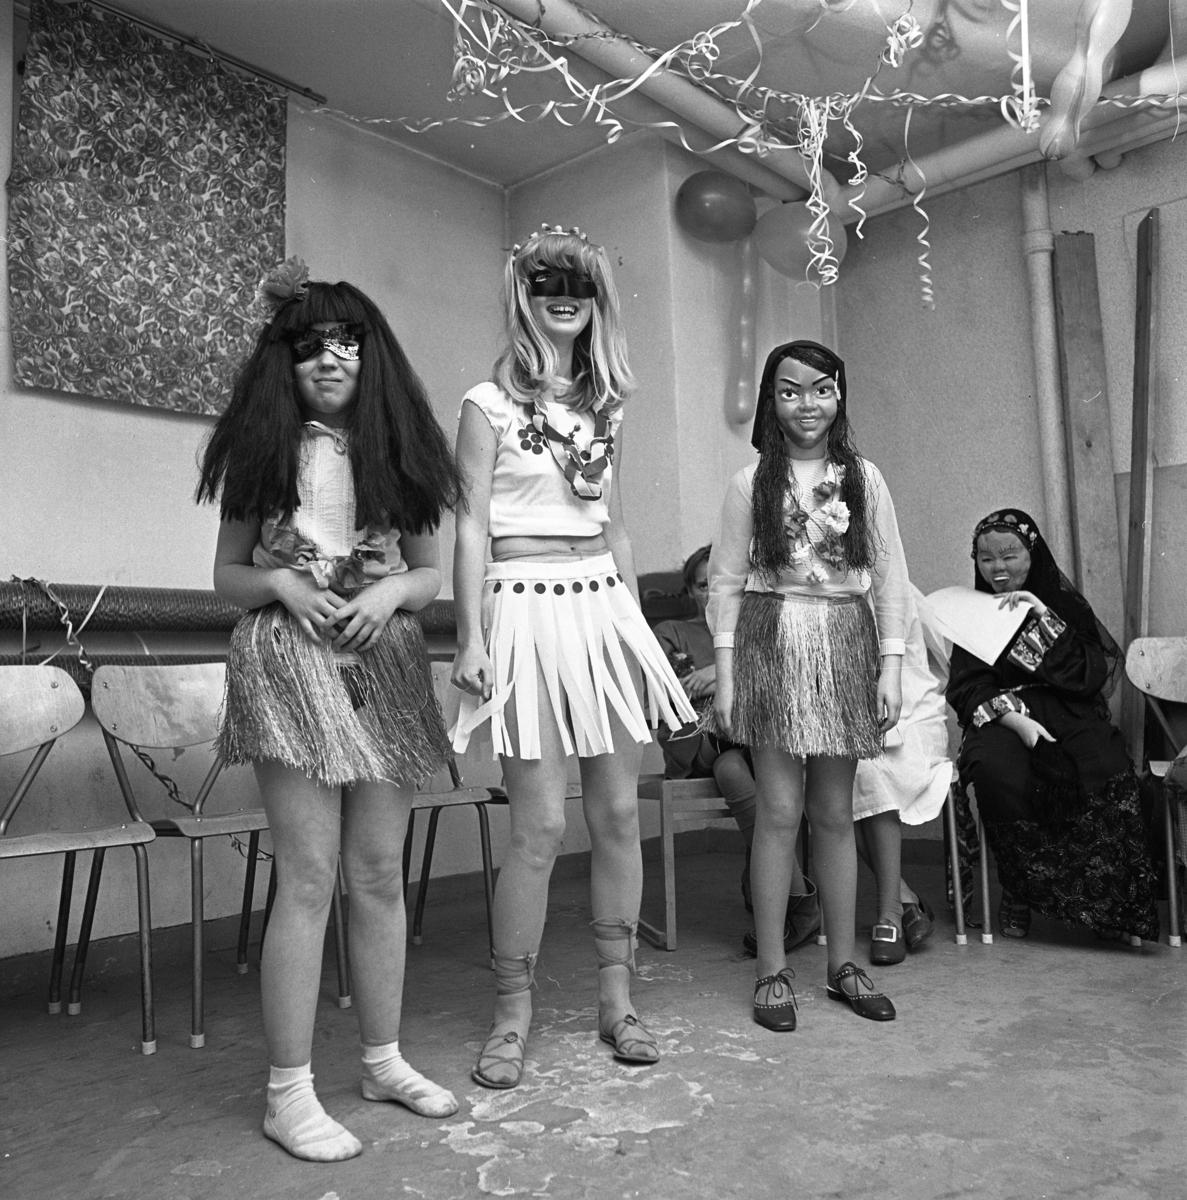 Unga Örnar har maskerad. Några flickor har klätt ut sig i bastkjolar och ögonmasker.